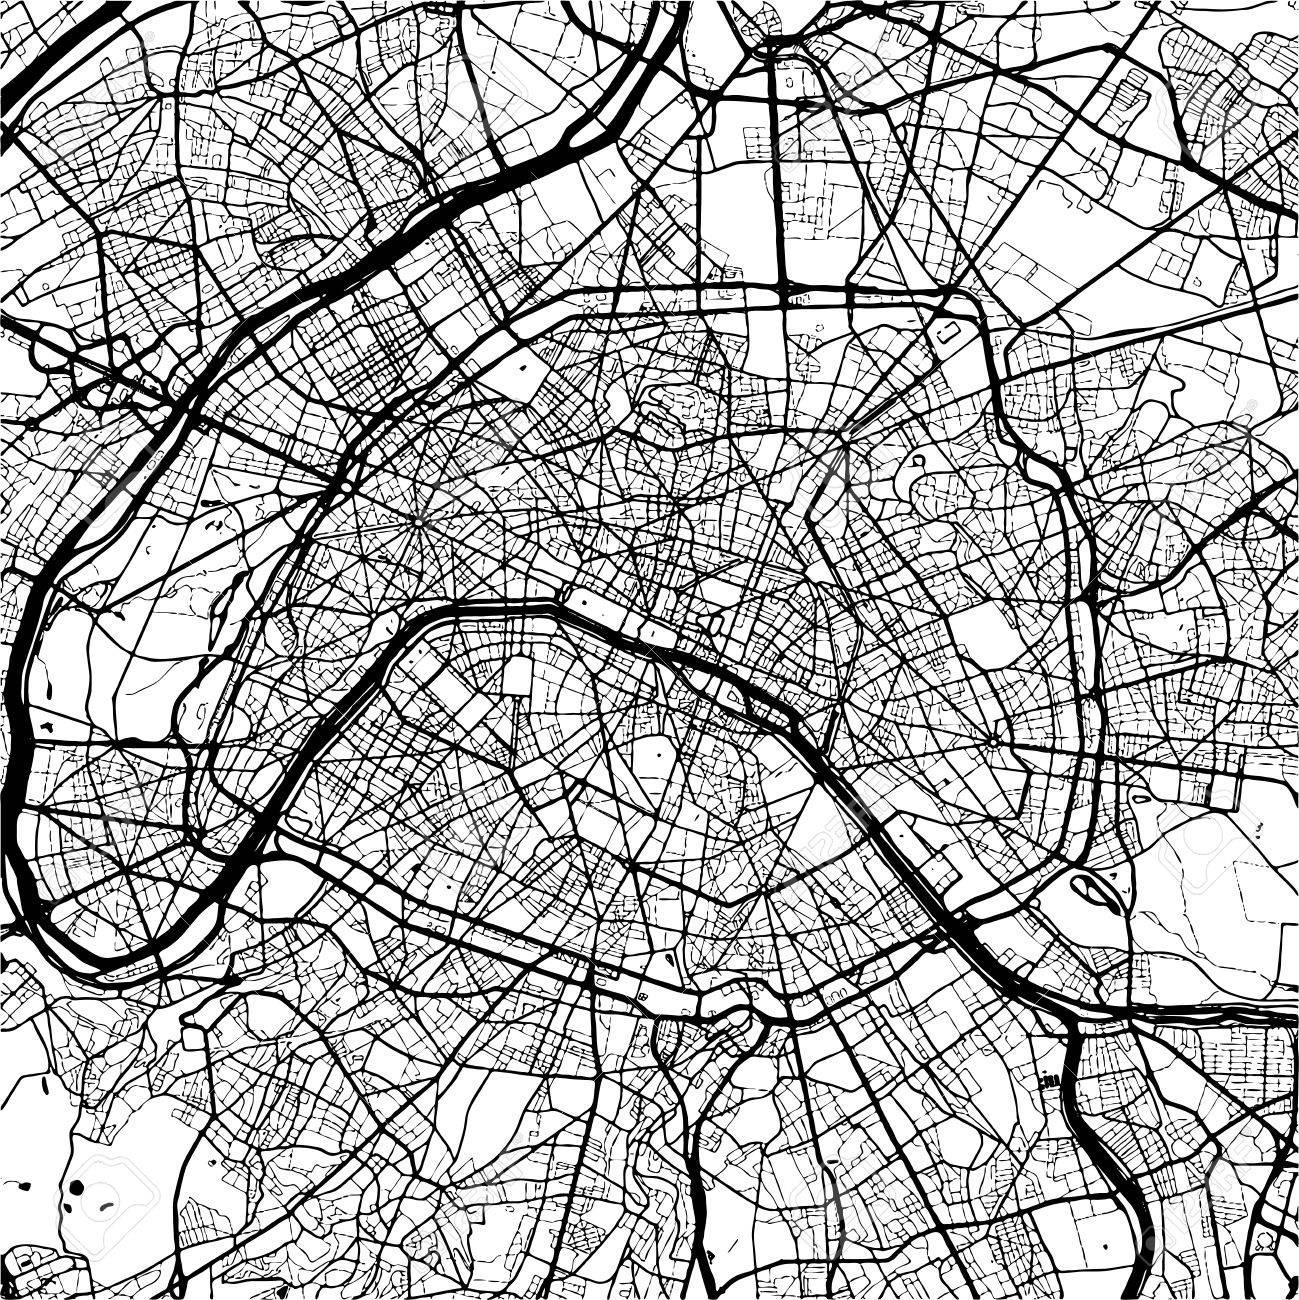 Paris France Monochrome Map Artprint Outline Version Ready - Paris map outline